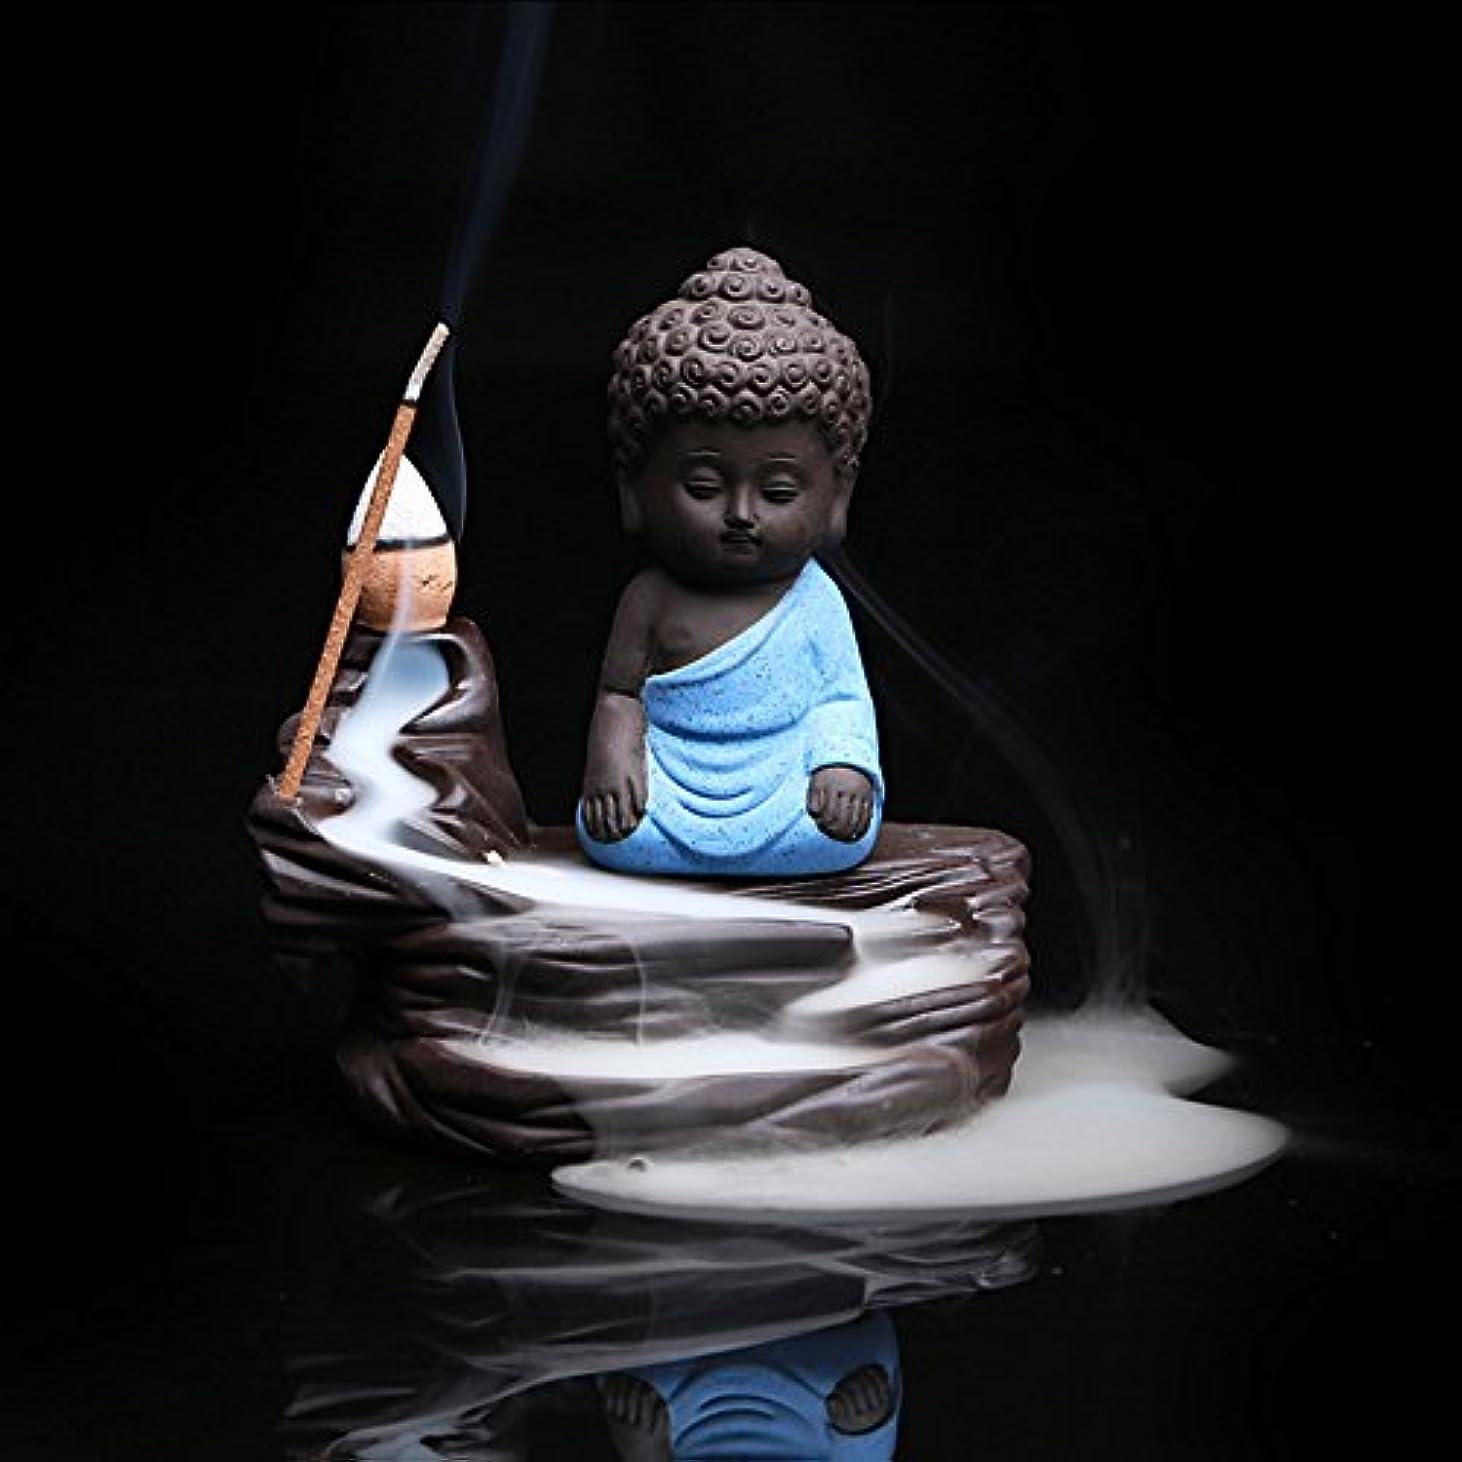 村雨の驚いたZehuiホームデコレーションクリエイティブ逆流香炉コーンスティックホルダーSmall Buddhaセラミック香炉ホーム装飾 ブルー mhy-ZJ1204-jj125